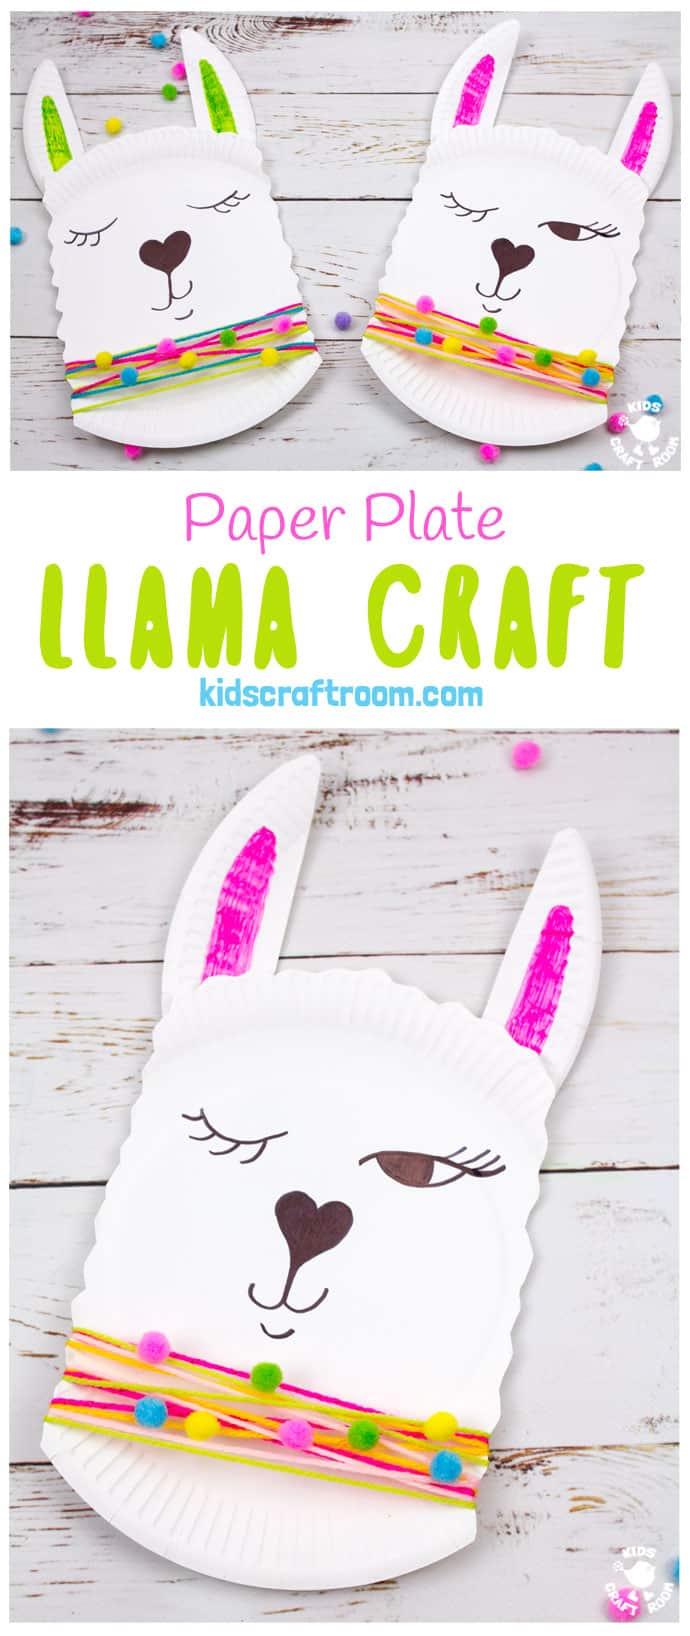 Paper-Plate-Llama-Craft-pin-2.jpg